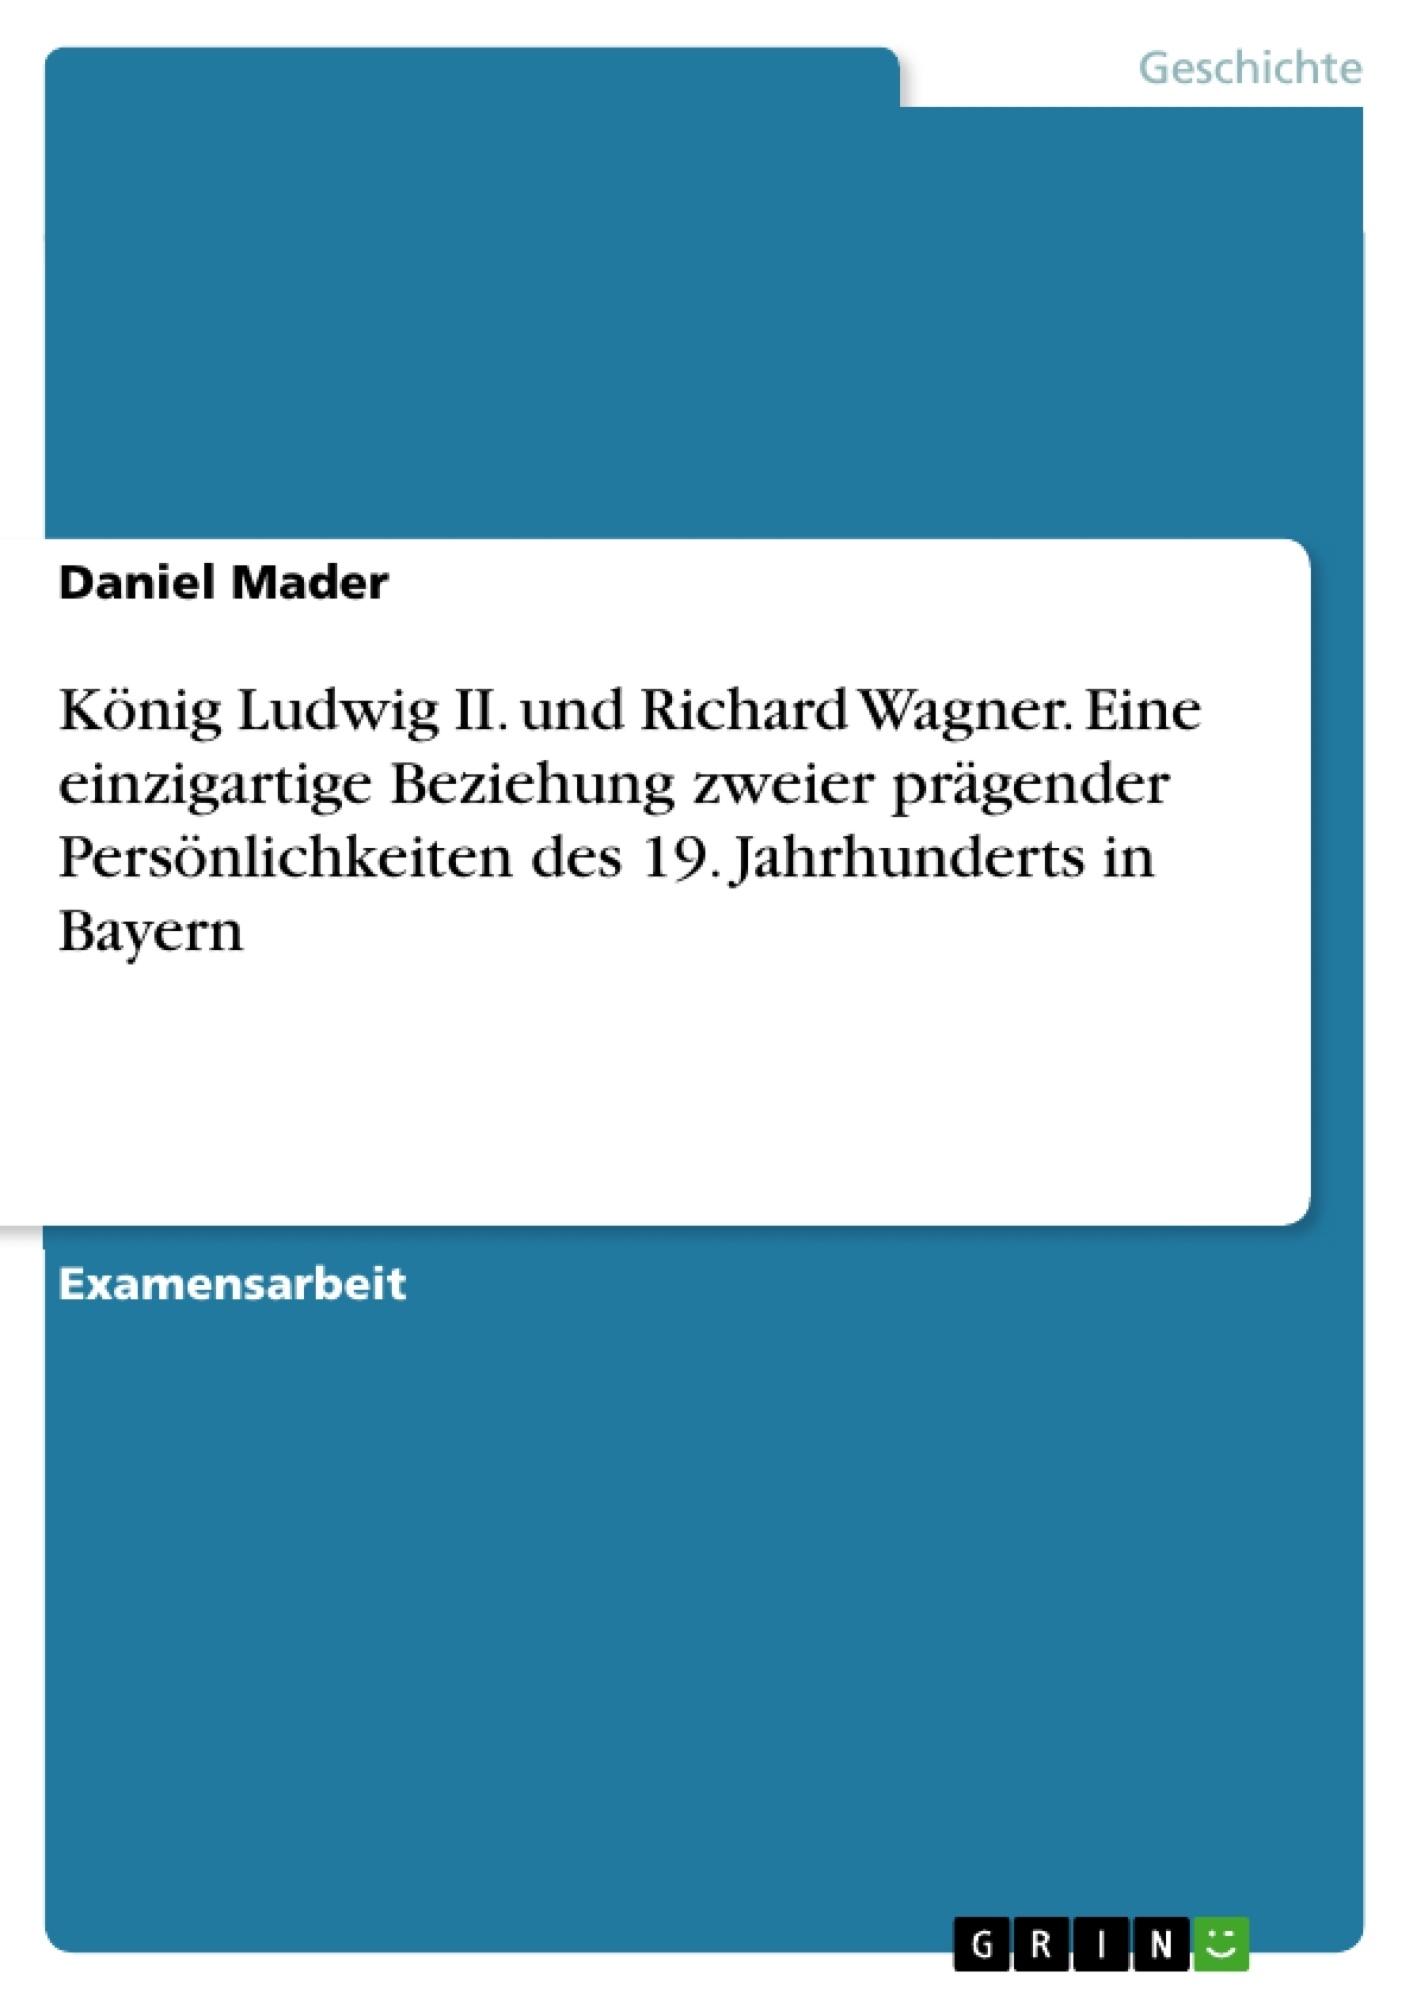 Titel: König Ludwig II. und Richard Wagner. Eine einzigartige Beziehung zweier prägender Persönlichkeiten des 19. Jahrhunderts in Bayern